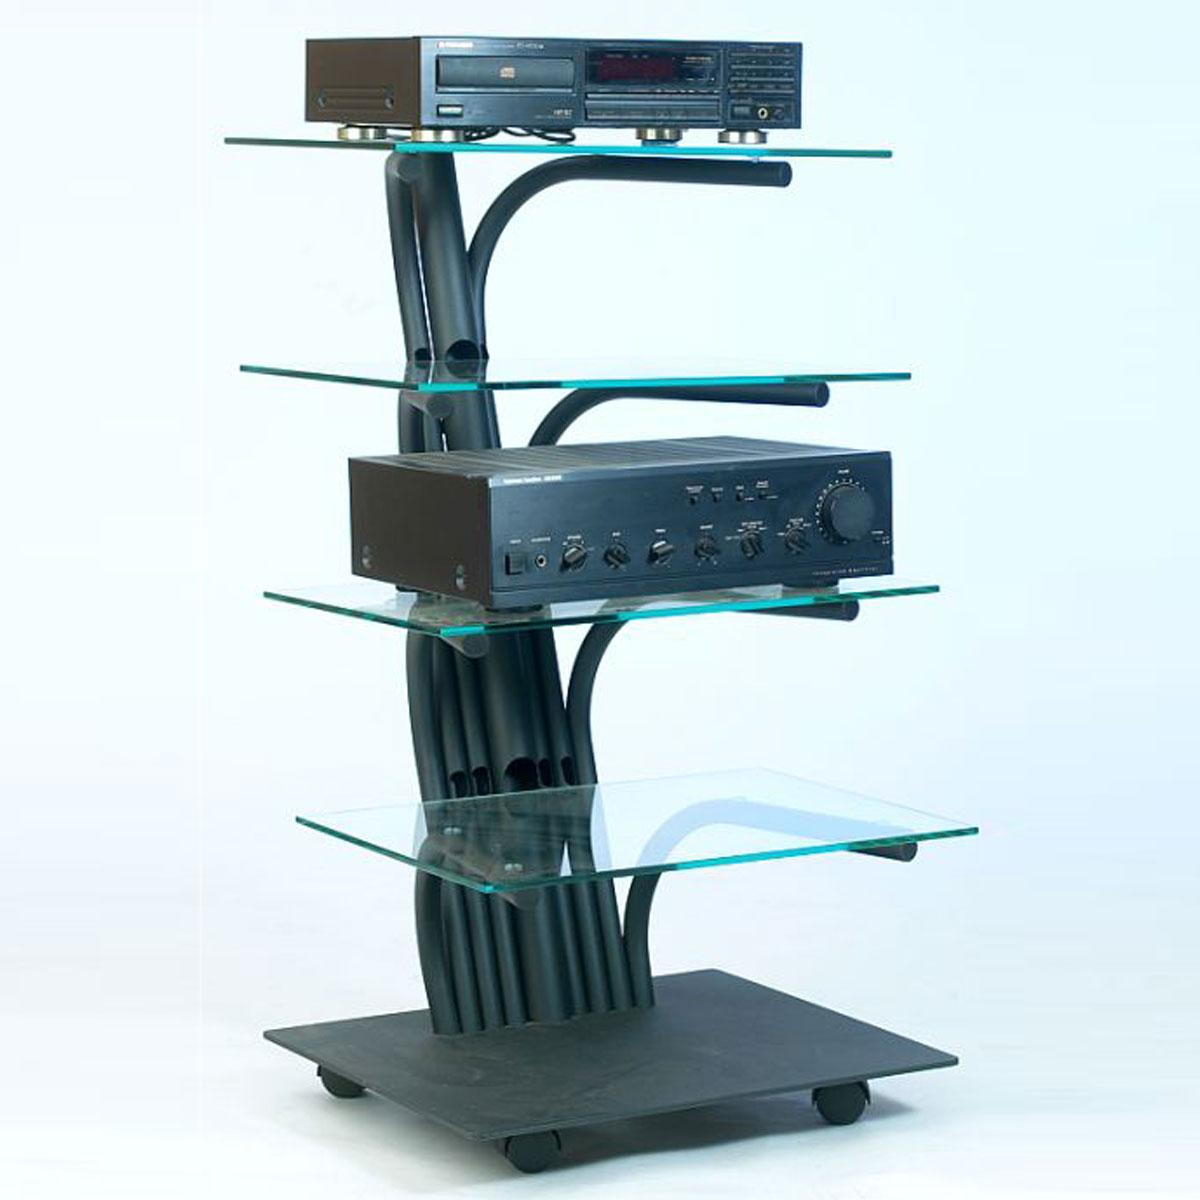 high end audio racks rack selfmade 2 marantz rack selbstbau selfmade hifi mbel phonombel hifi. Black Bedroom Furniture Sets. Home Design Ideas